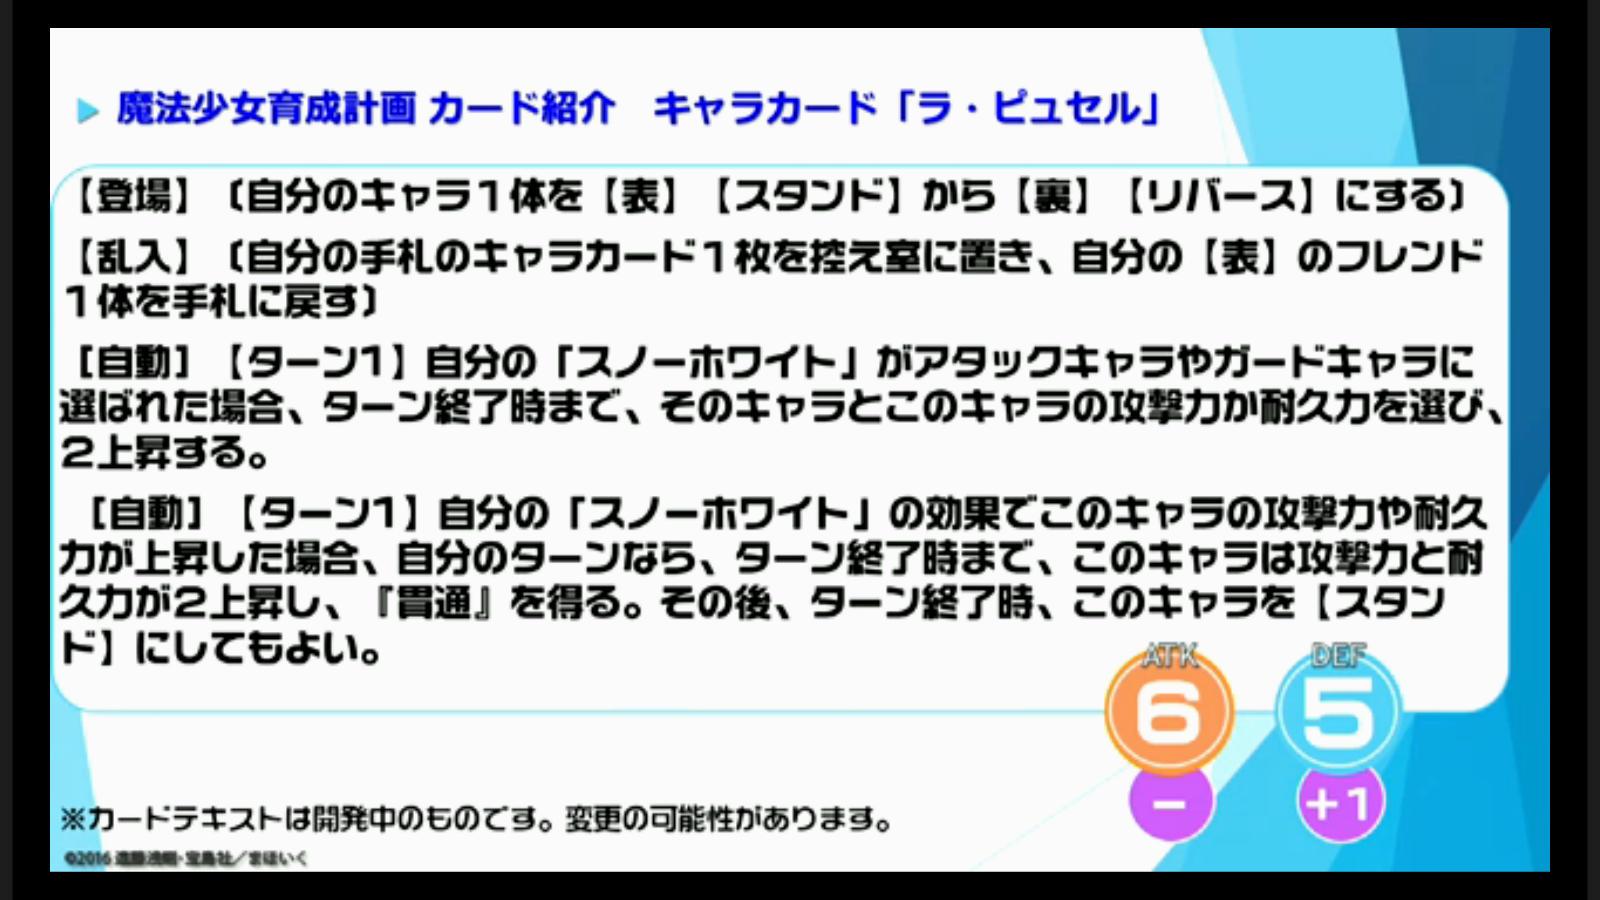 bshi-live-170112-007.jpg